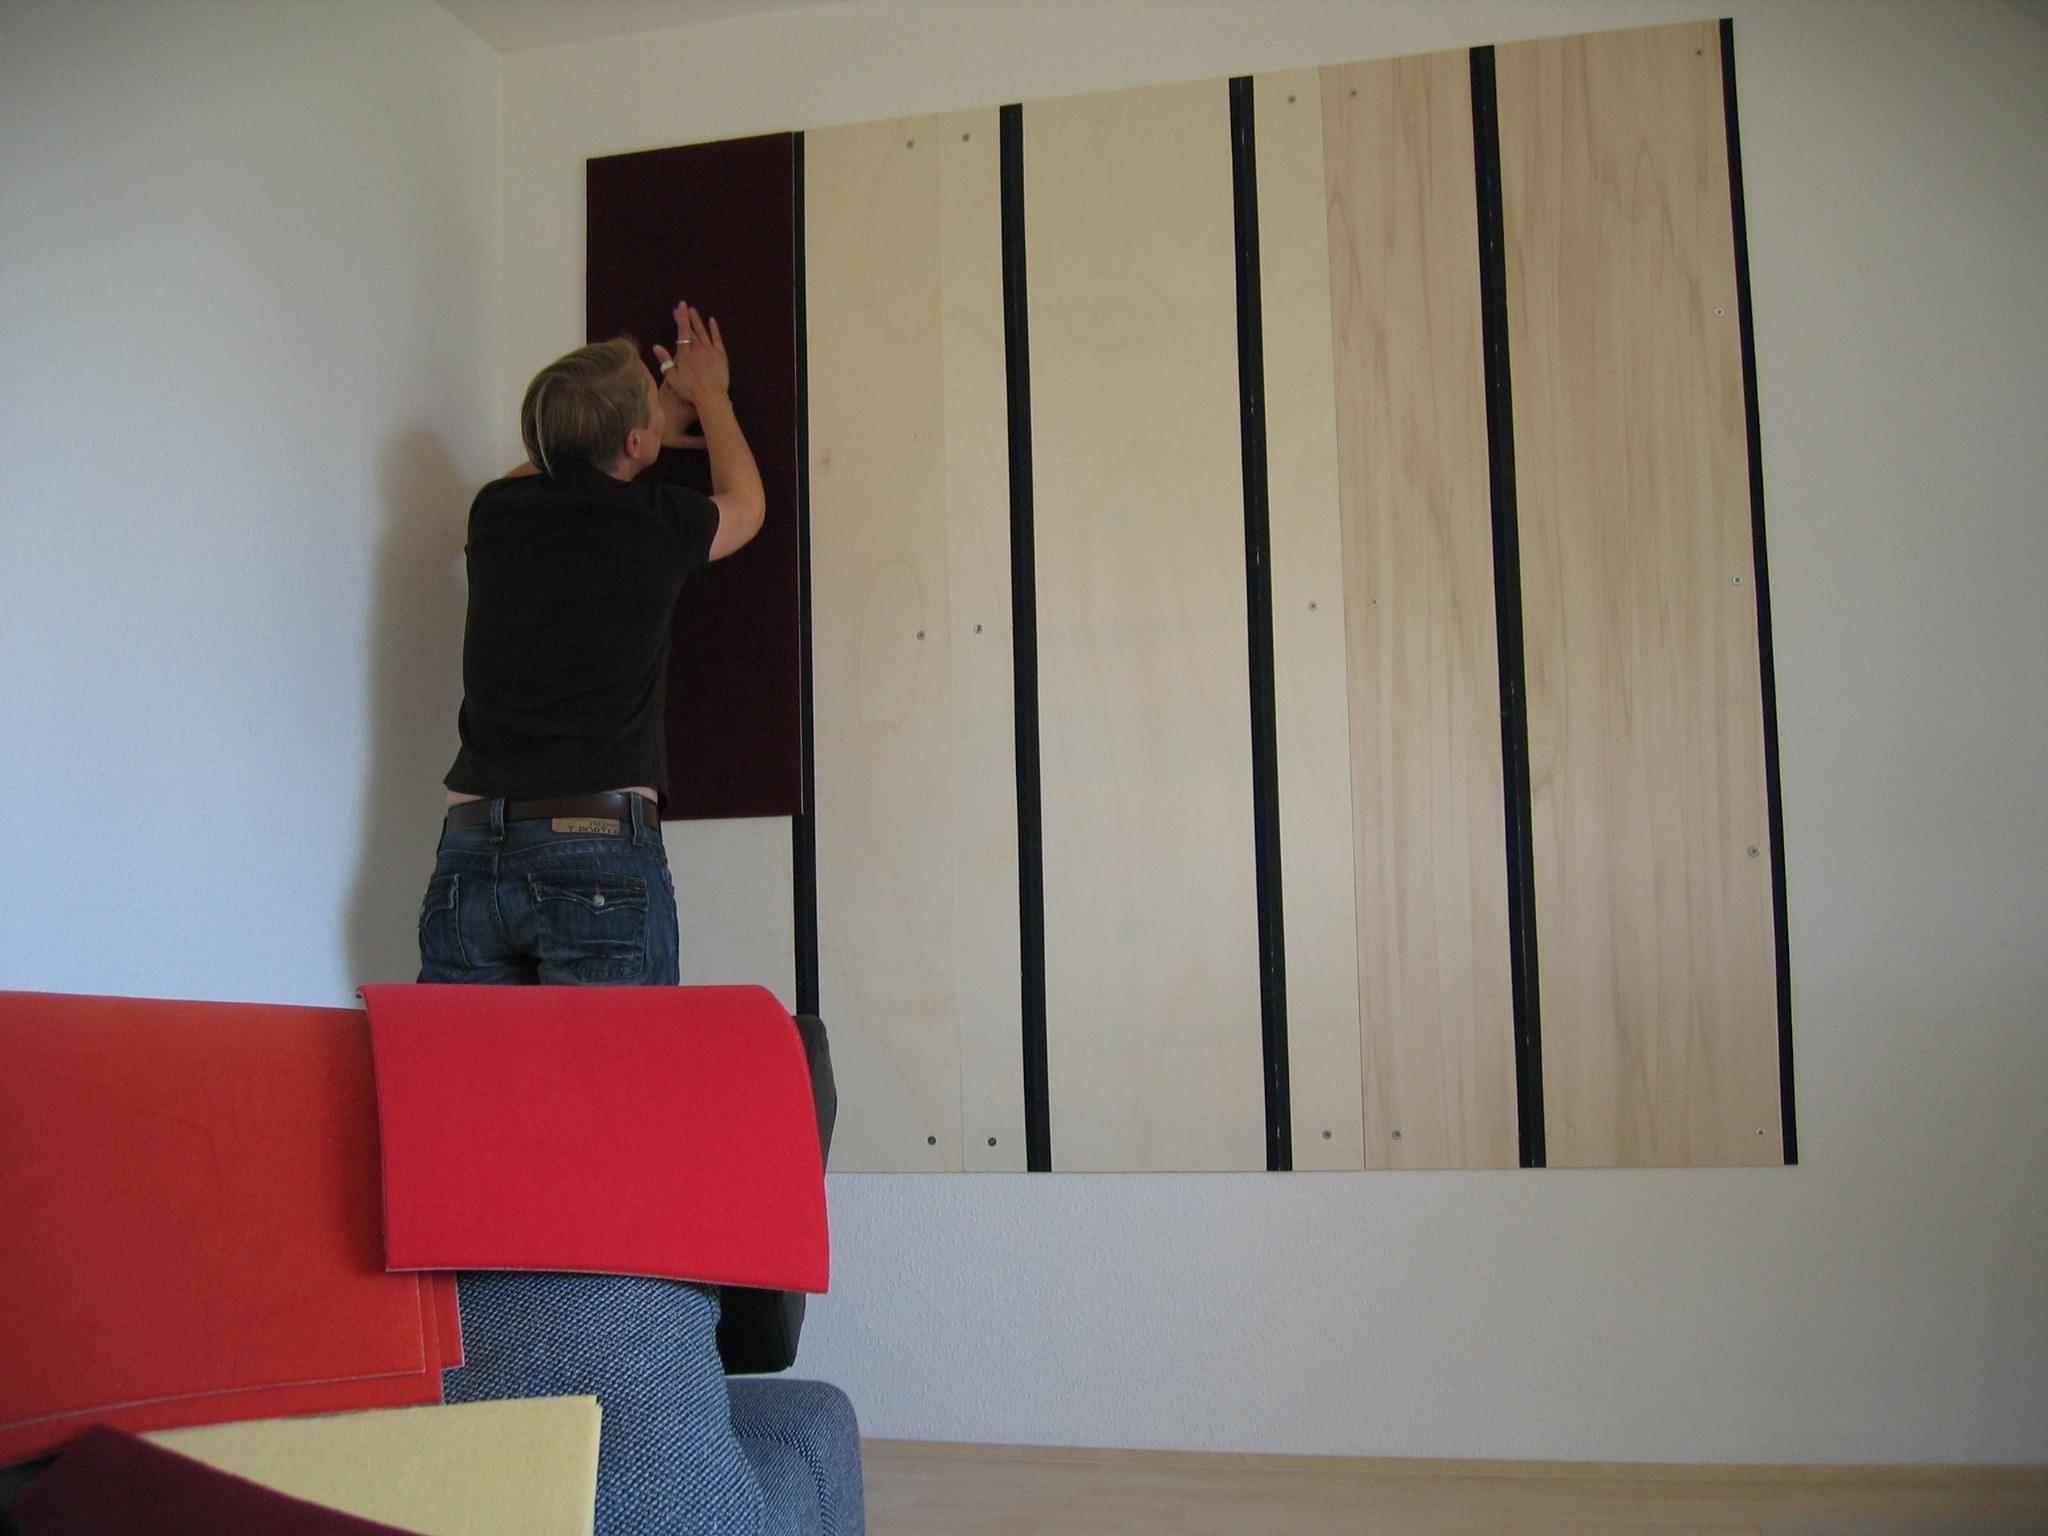 dreckst ckchen wandbild dreckst wir gestalten ihre pers nliche fu matte. Black Bedroom Furniture Sets. Home Design Ideas